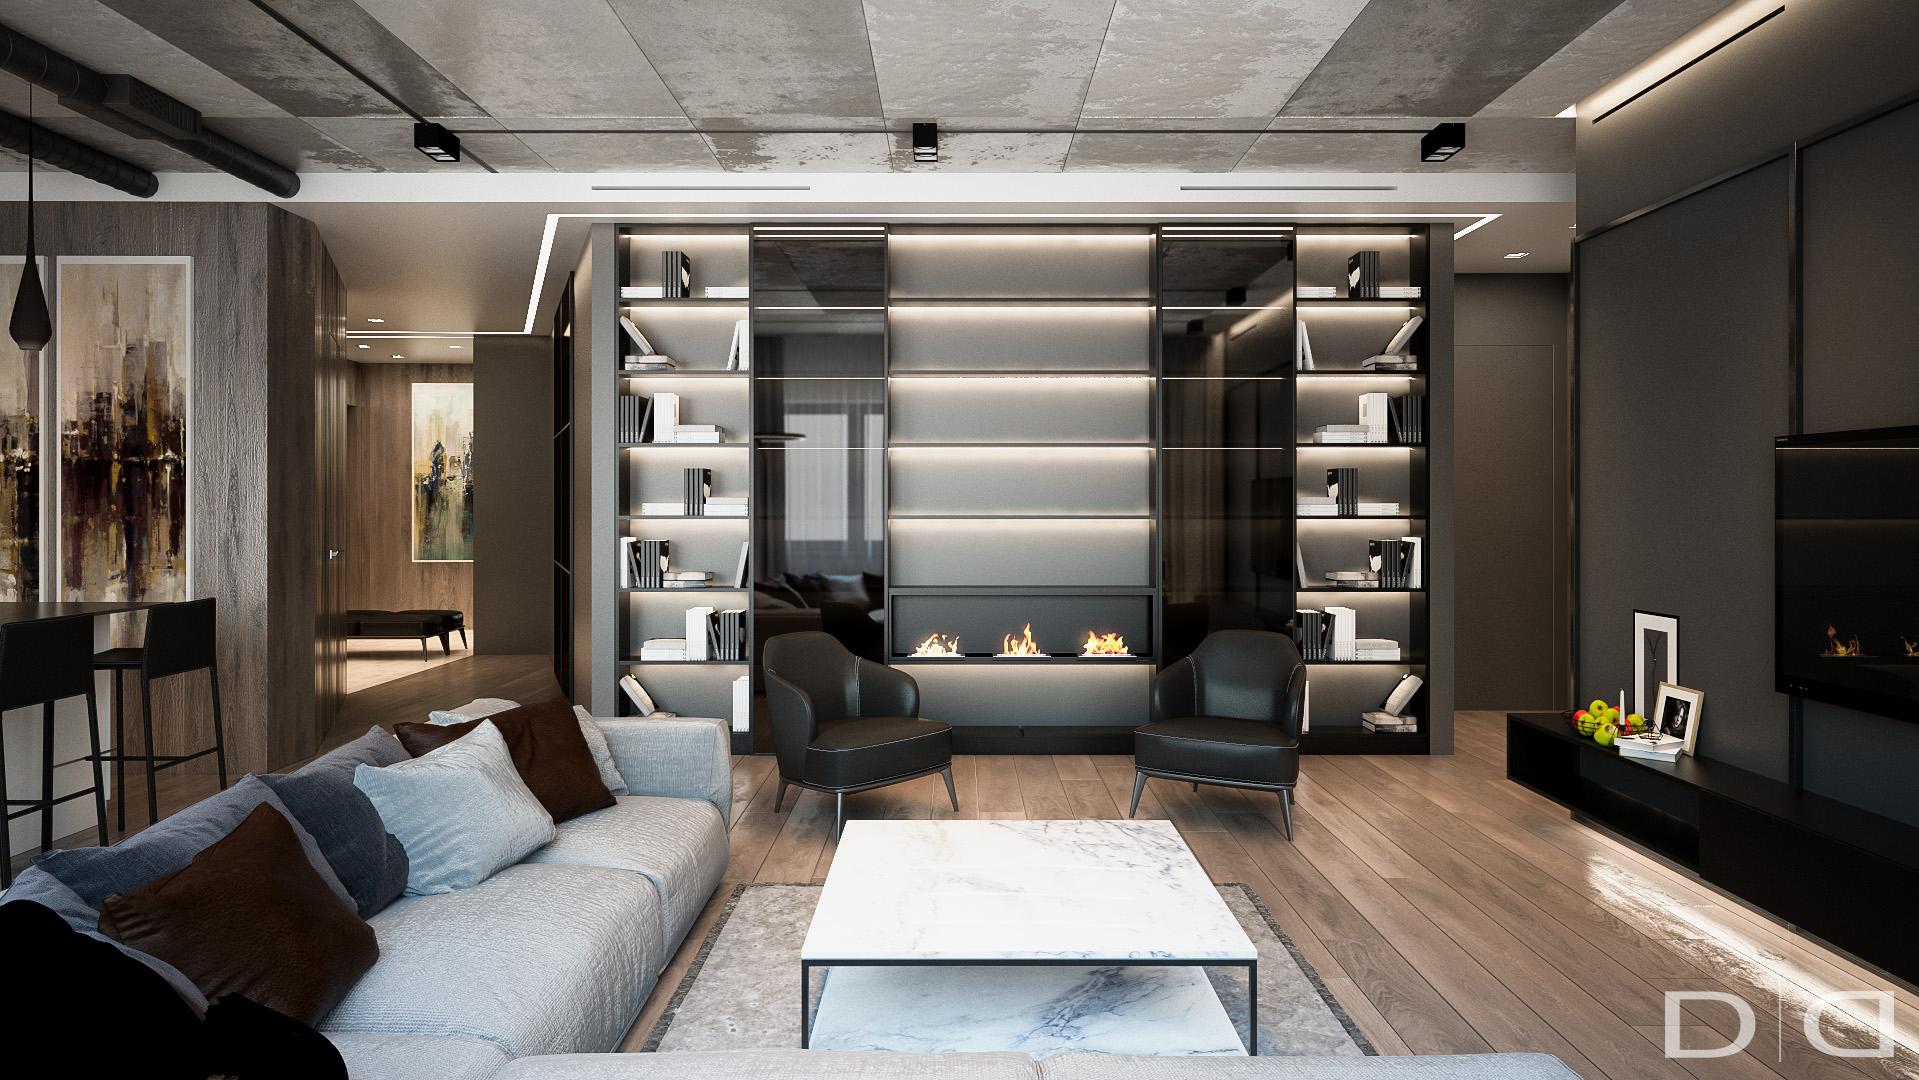 dd-interior_loft_studio_design_kvartir_minsk-0255-6